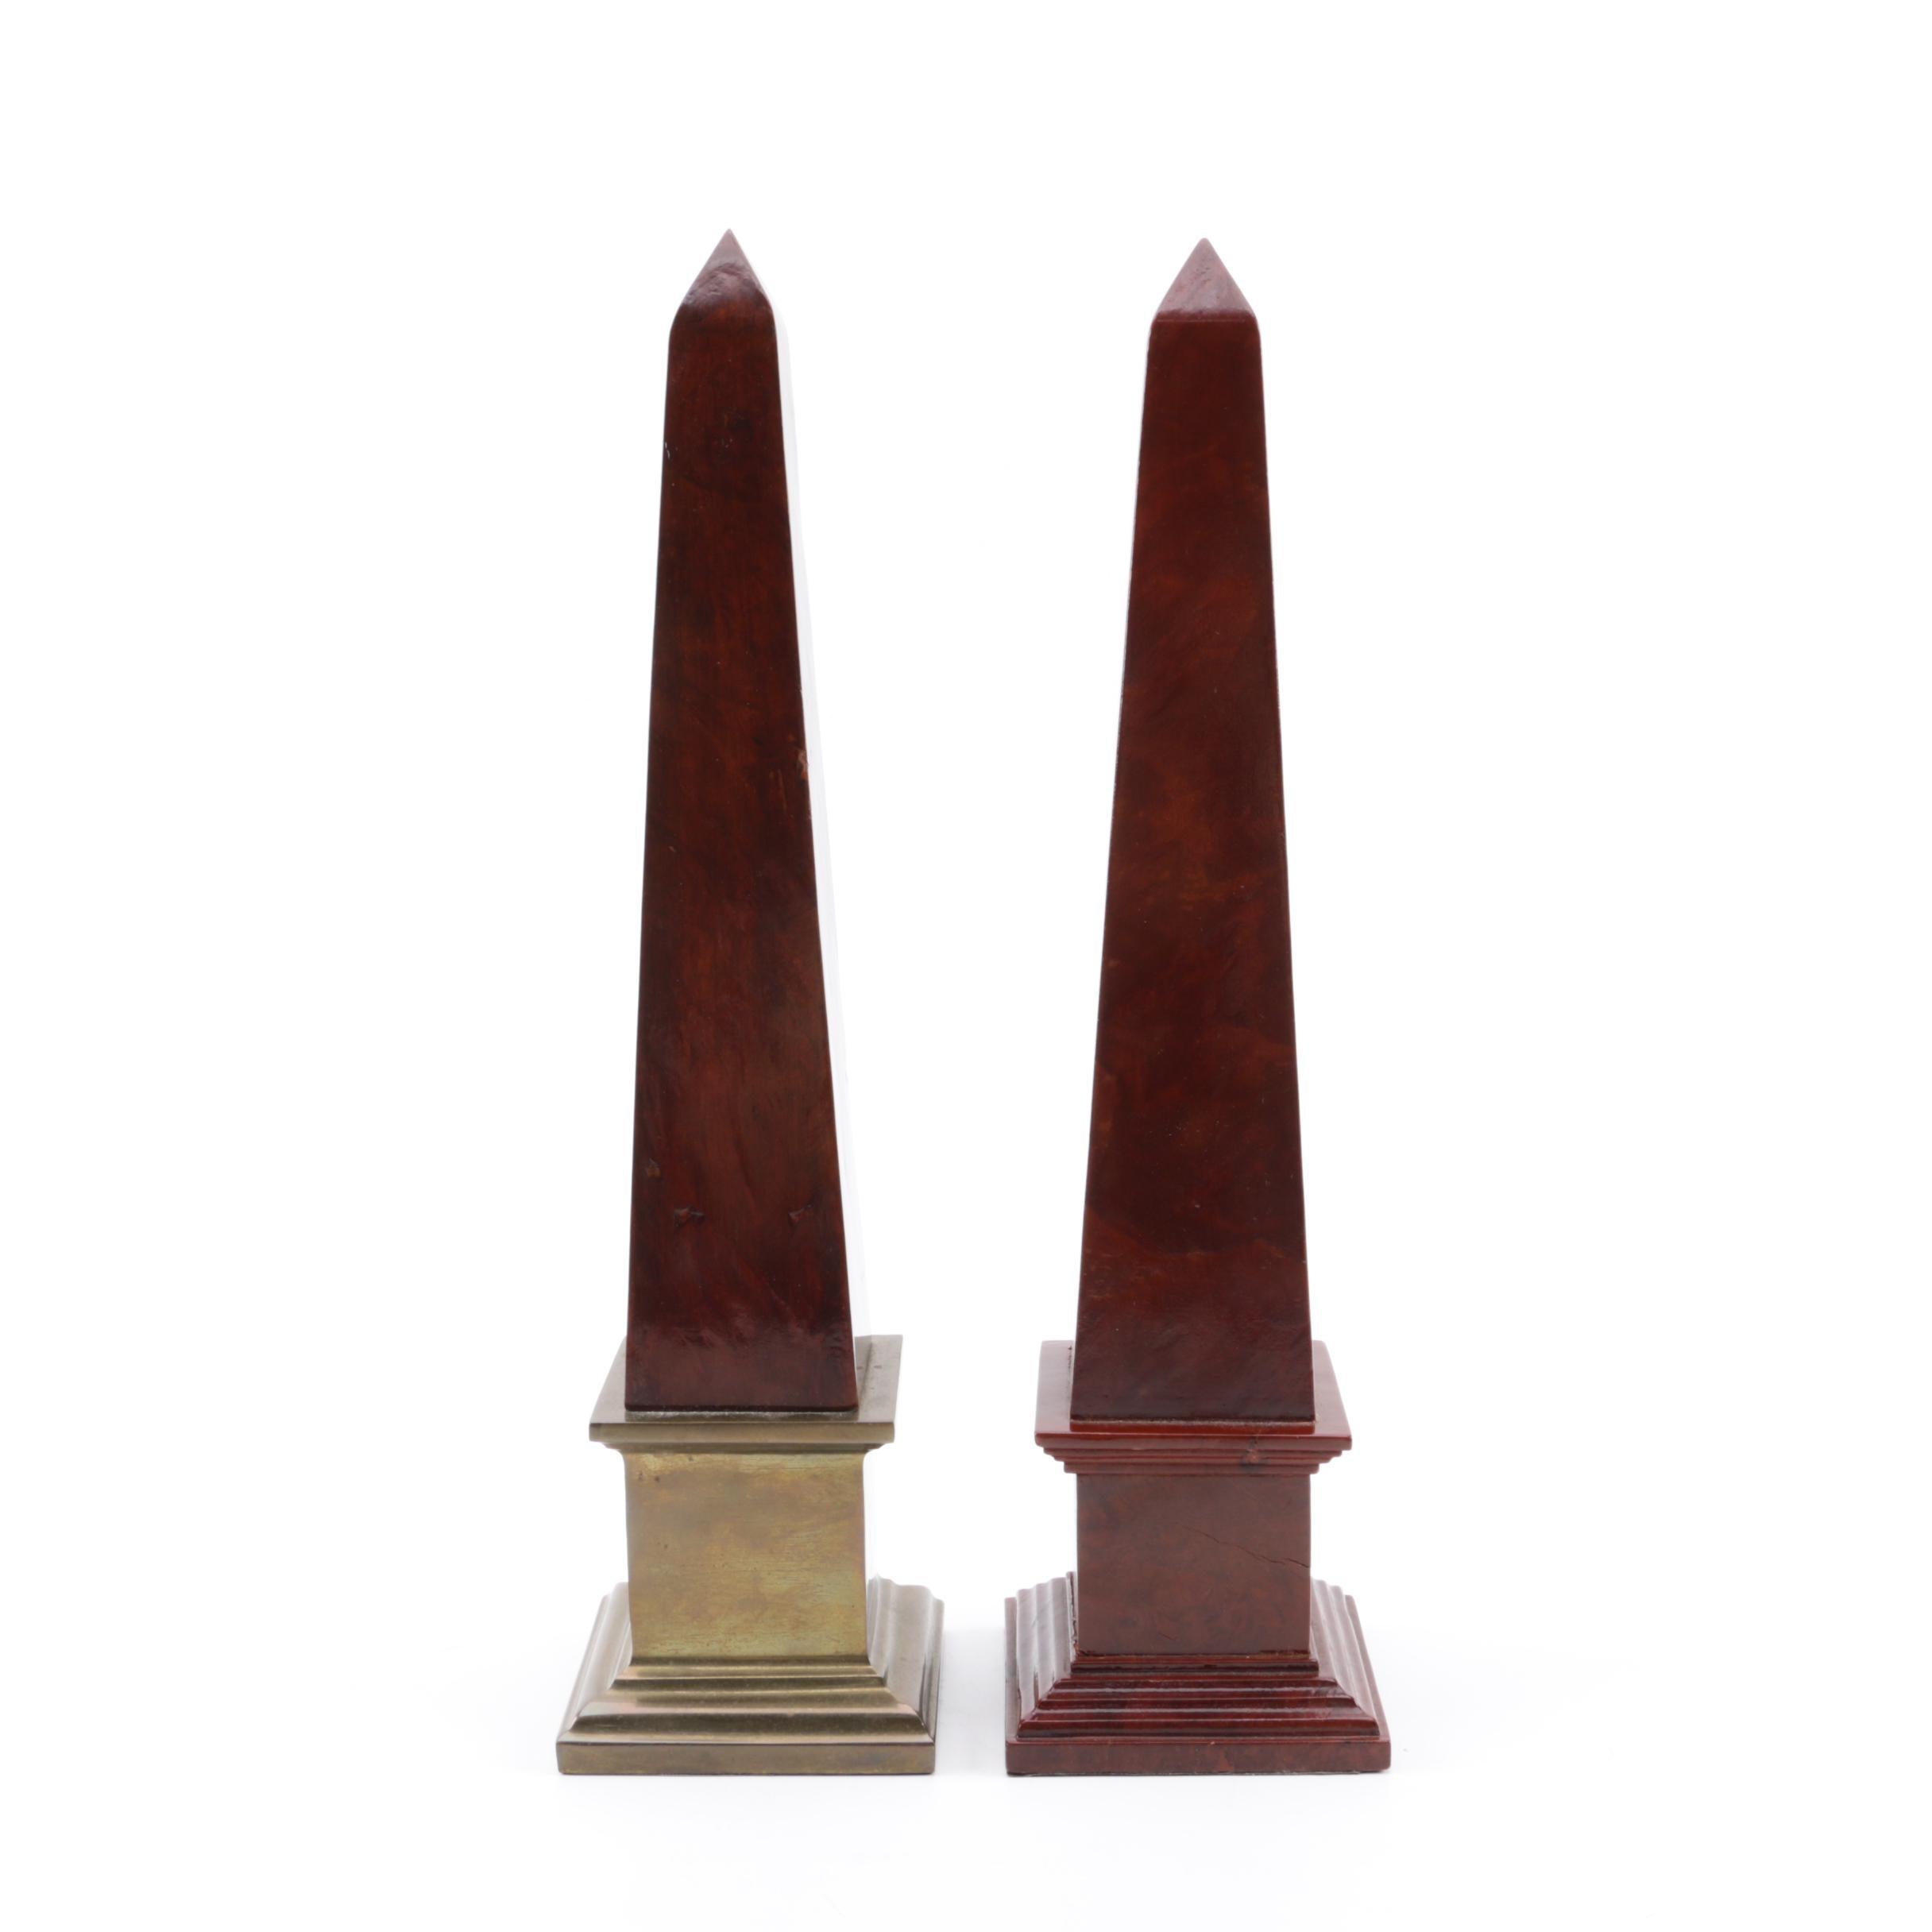 Obelisk Bookends